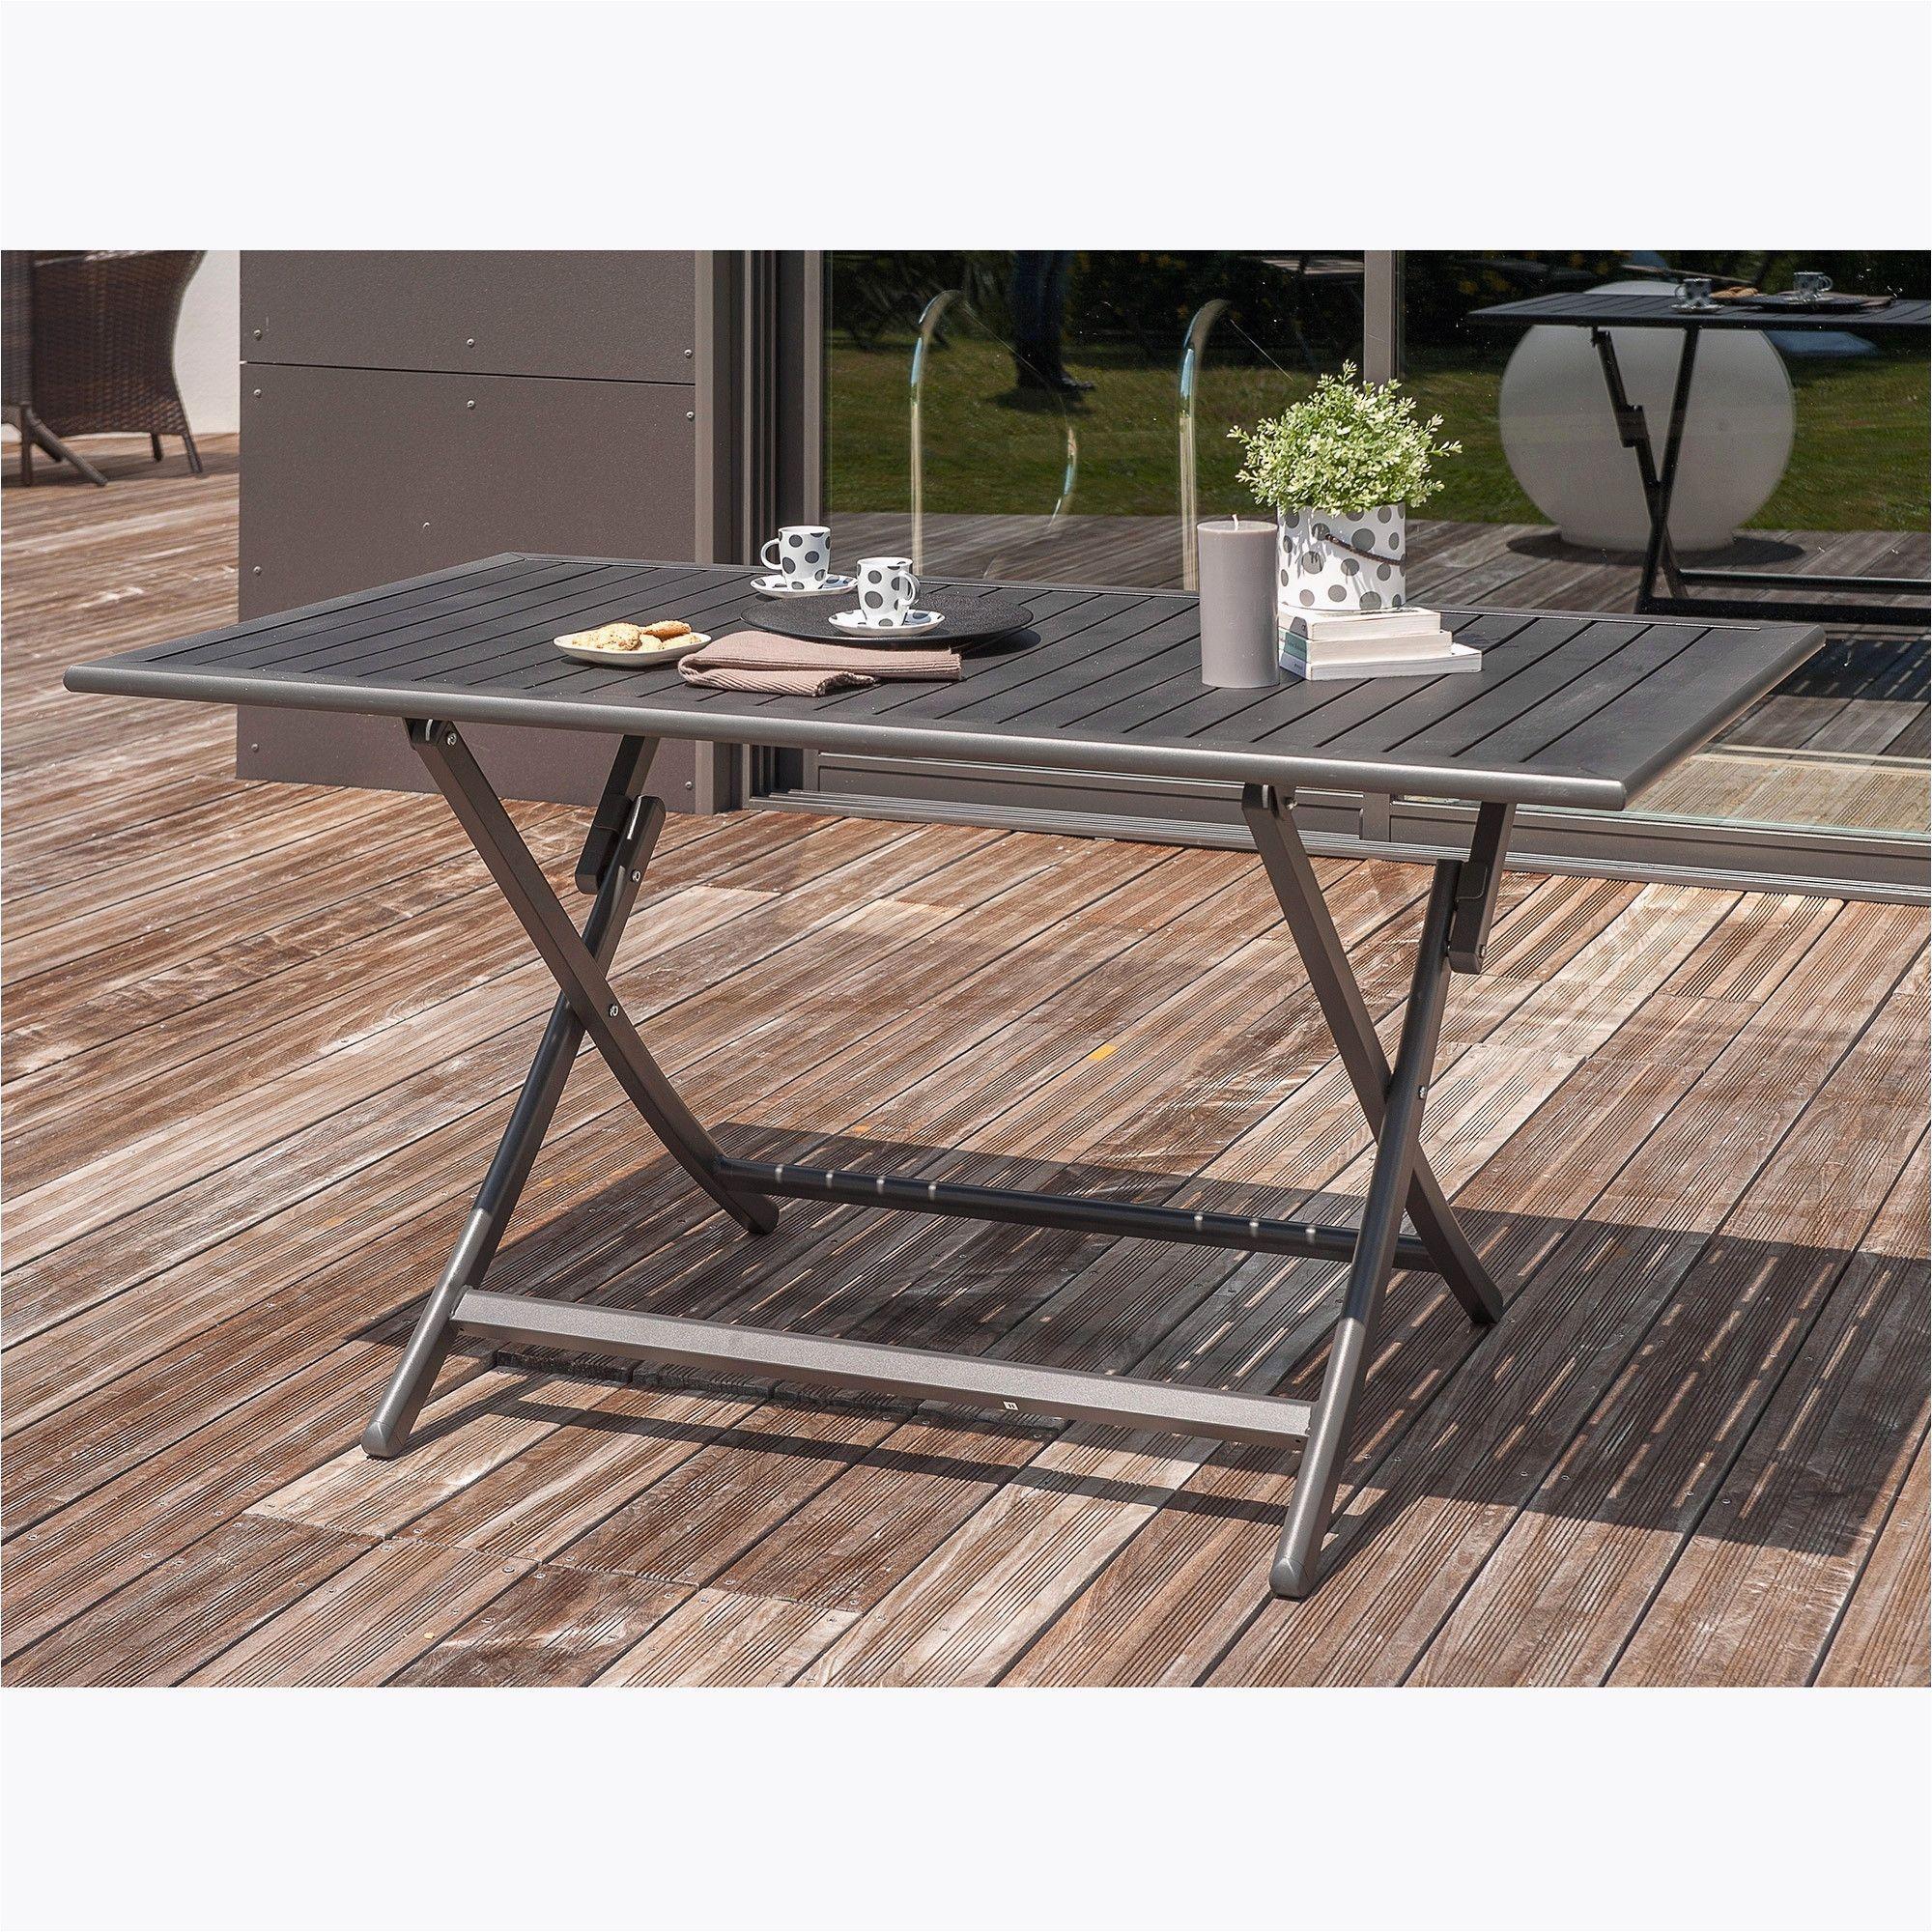 Salon De Jardin Plastique Design Beau Table Pliante Leclerc Beau S Leclerc Table De Jardin Of 30 Best Of Salon De Jardin Plastique Design